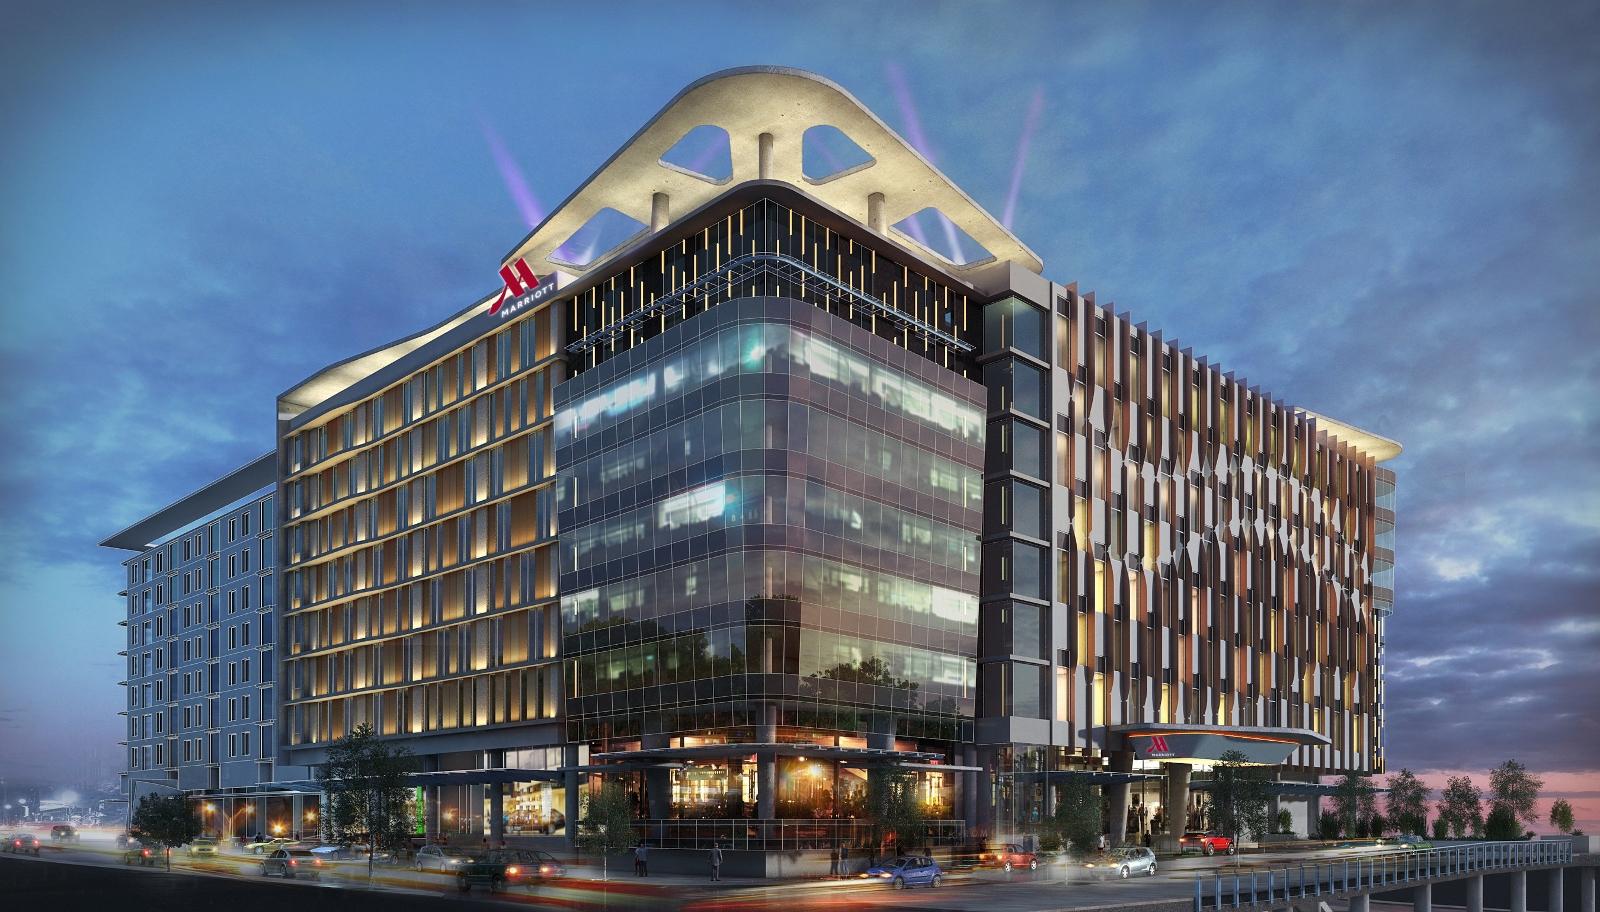 Marriott Hotels in Africa